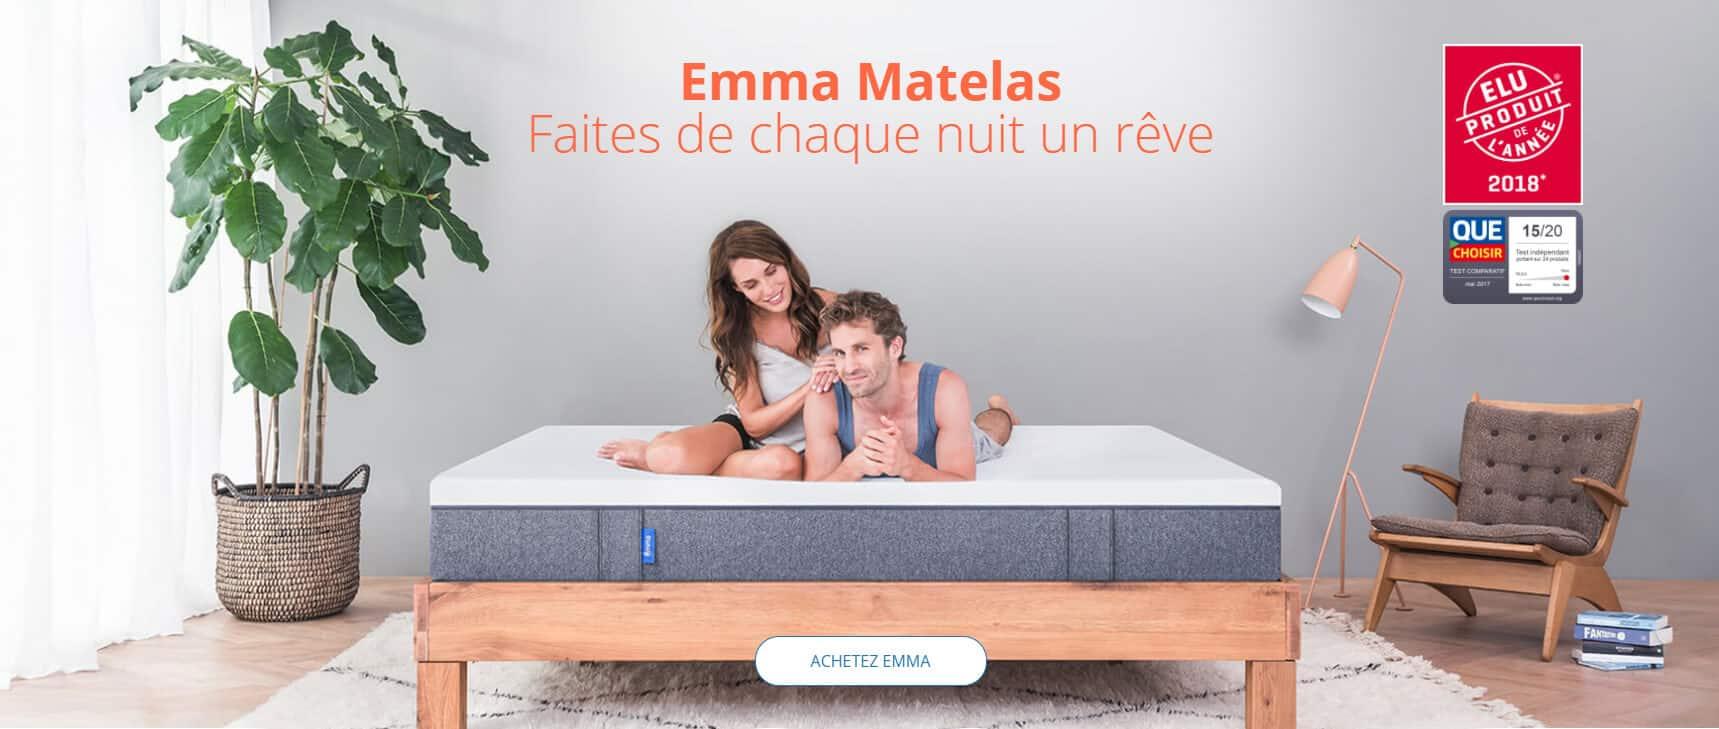 emma matelas meilleur produit 2018